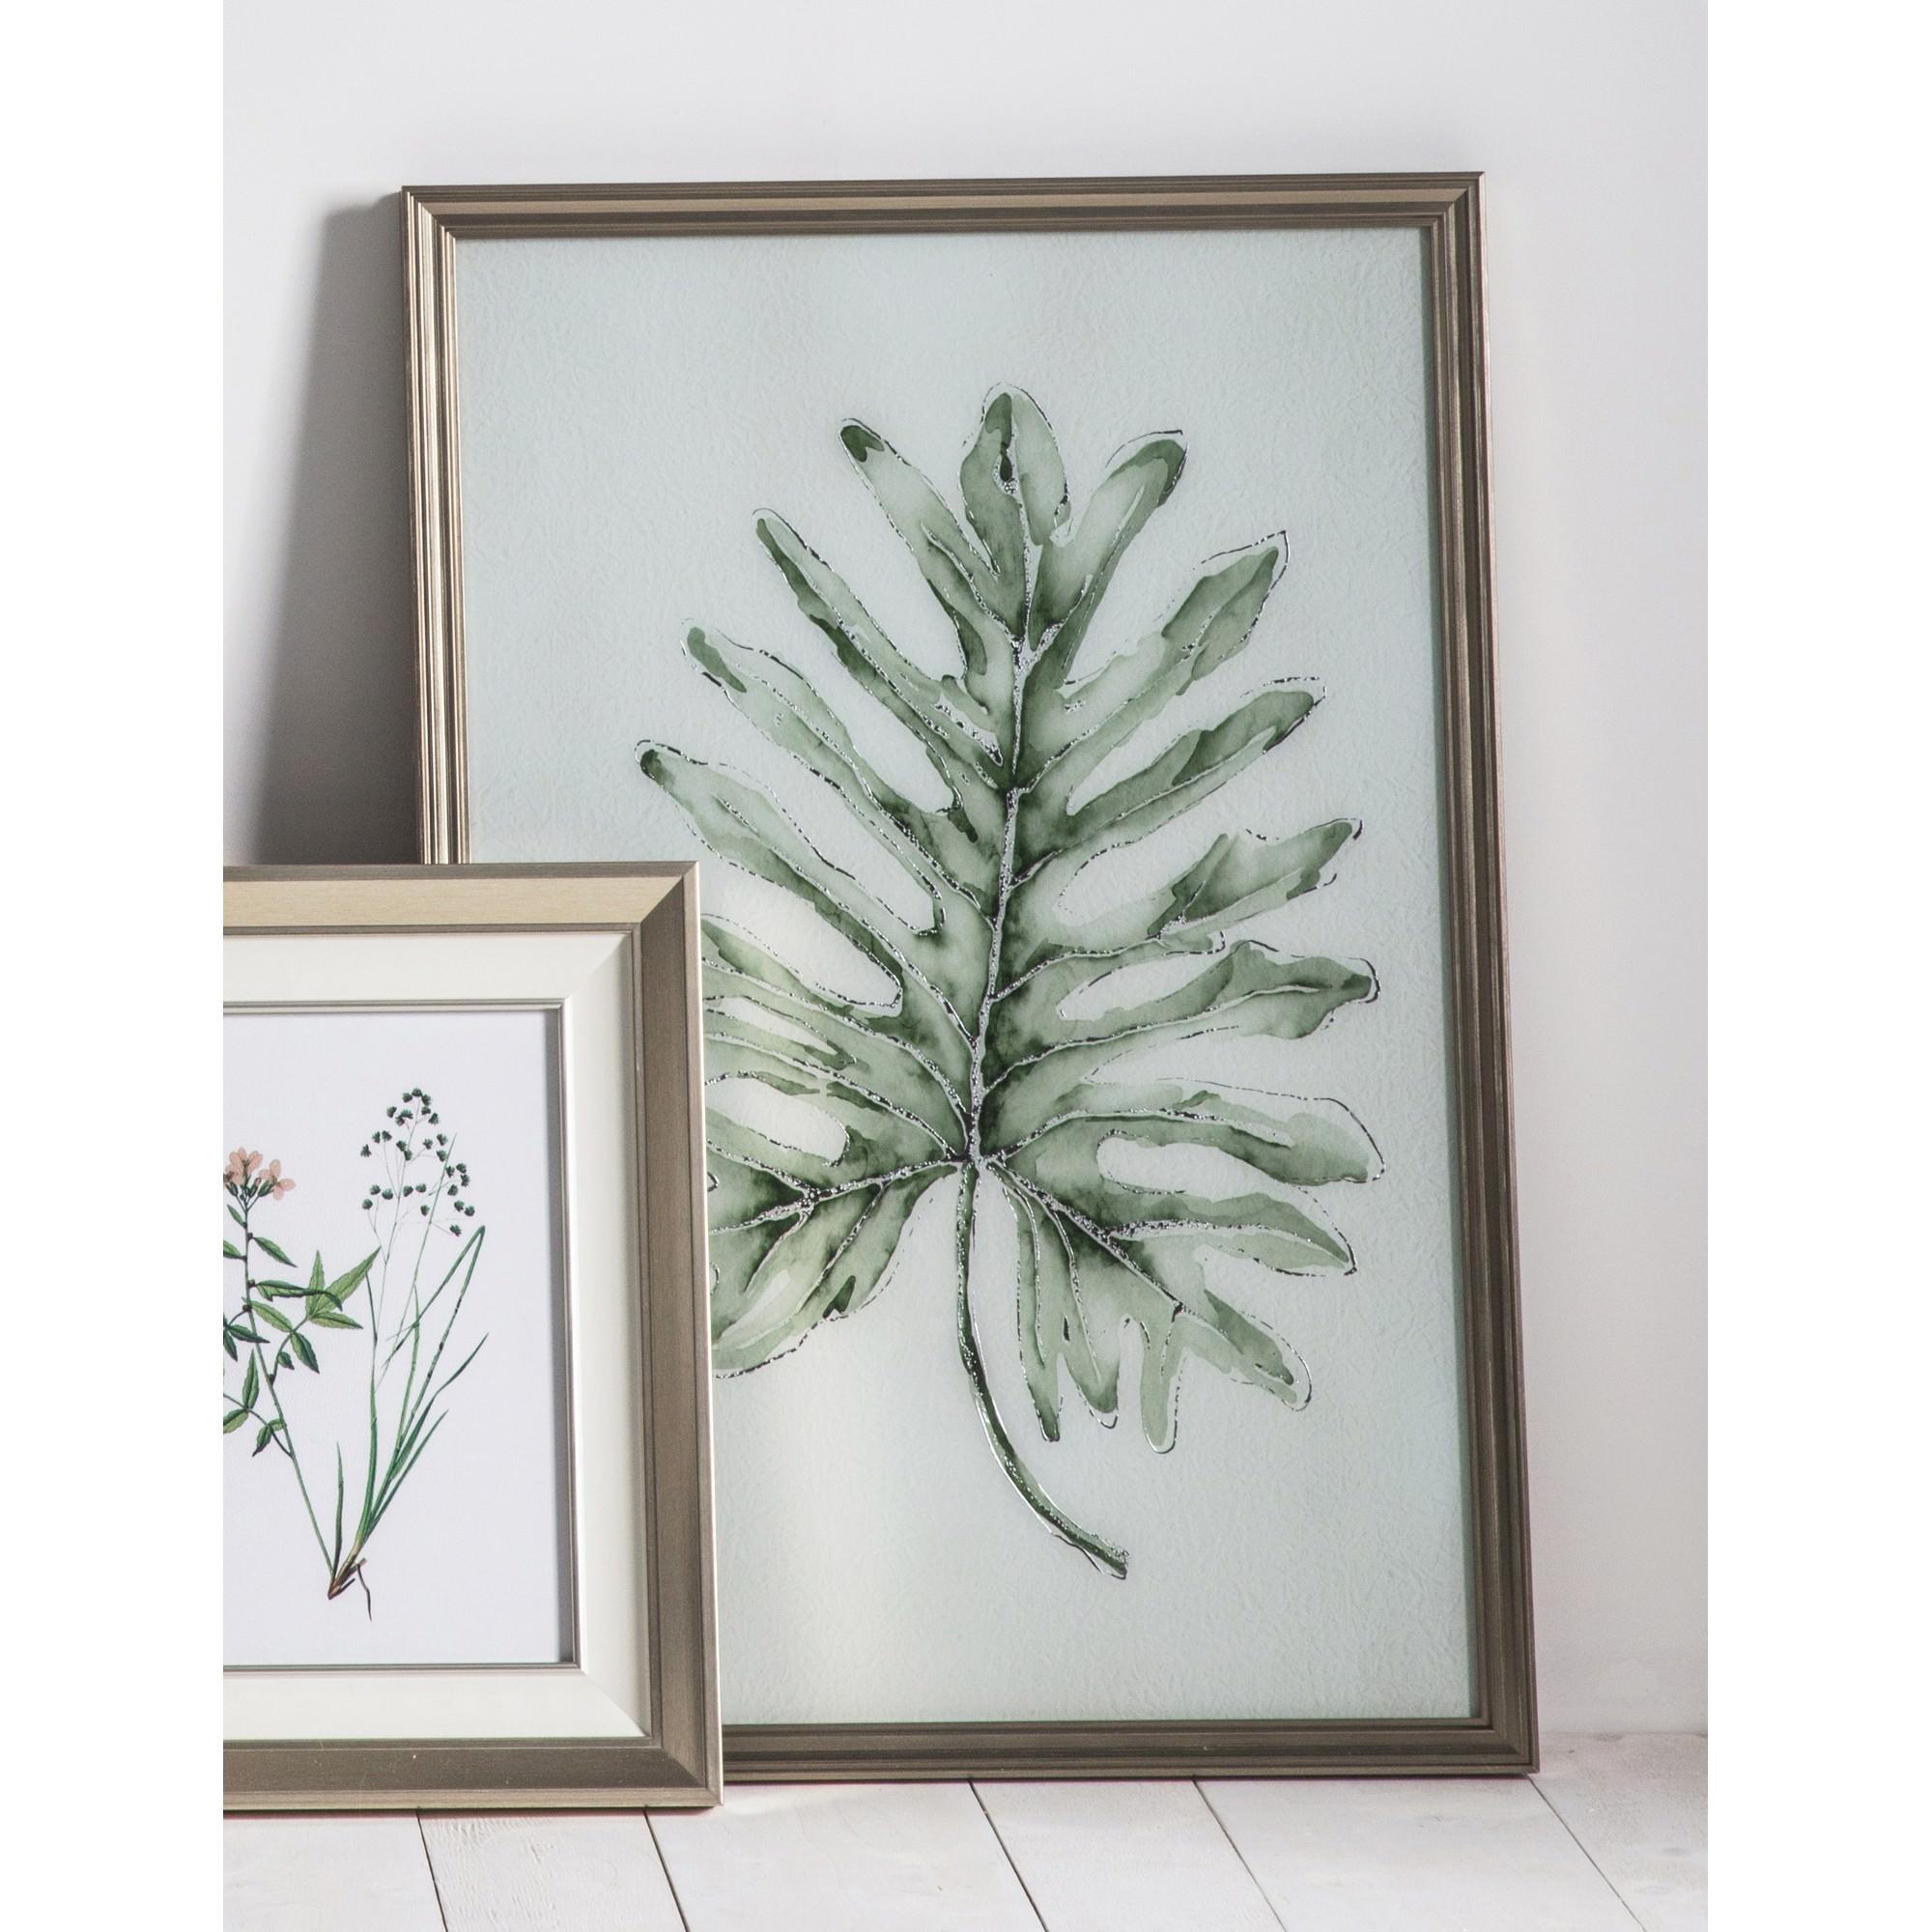 Early Leaf Framed Wall Art Print, 96cm